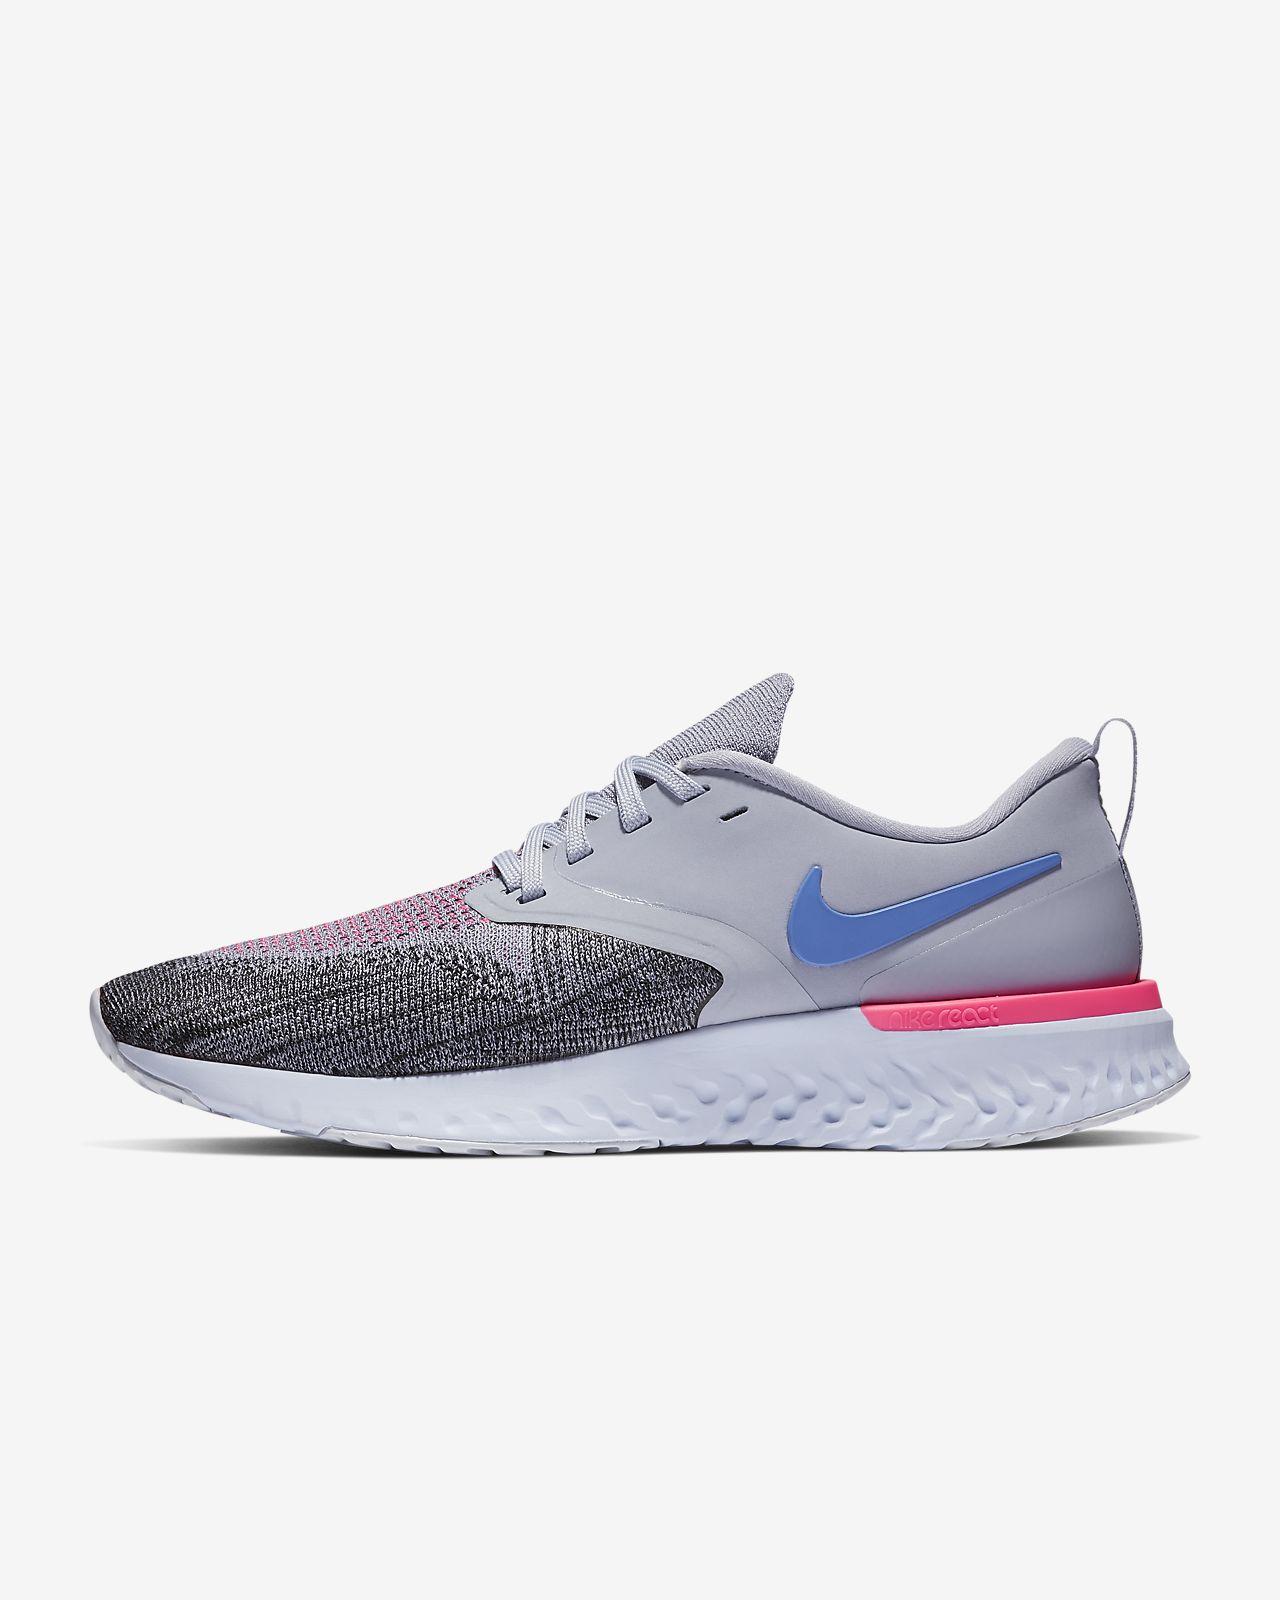 huge discount f2df5 676d7 ... Chaussure de running Nike Odyssey React Flyknit 2 pour Femme